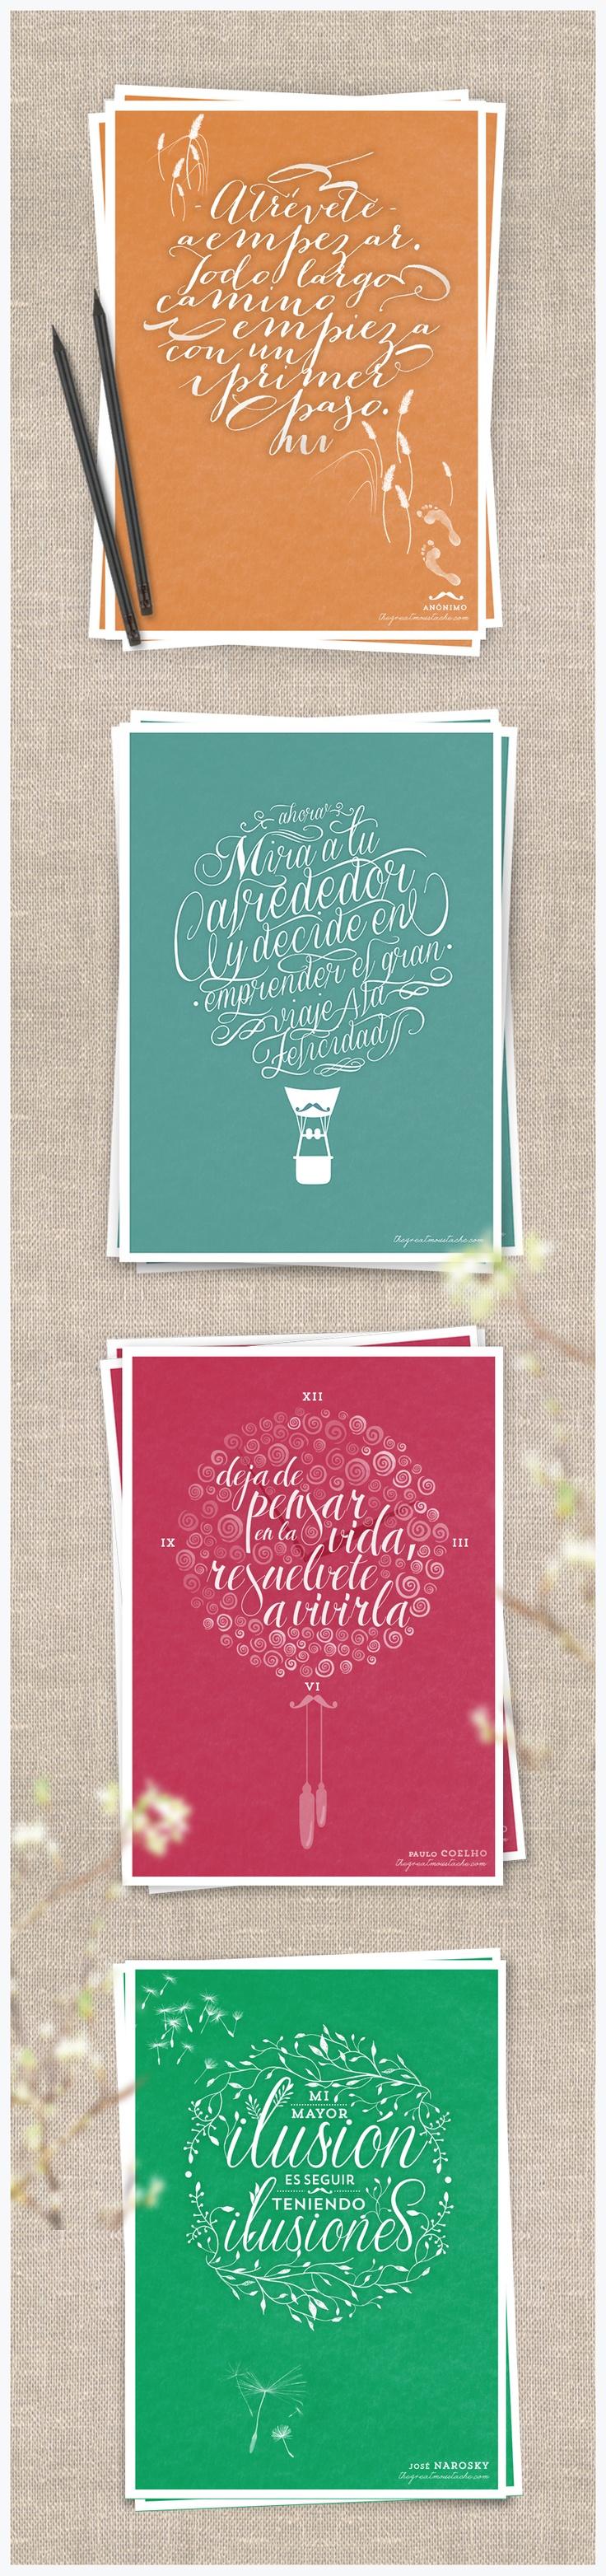 La familia crece y crece... Crece con nosotros en thegreatmoustache.com y facebook!